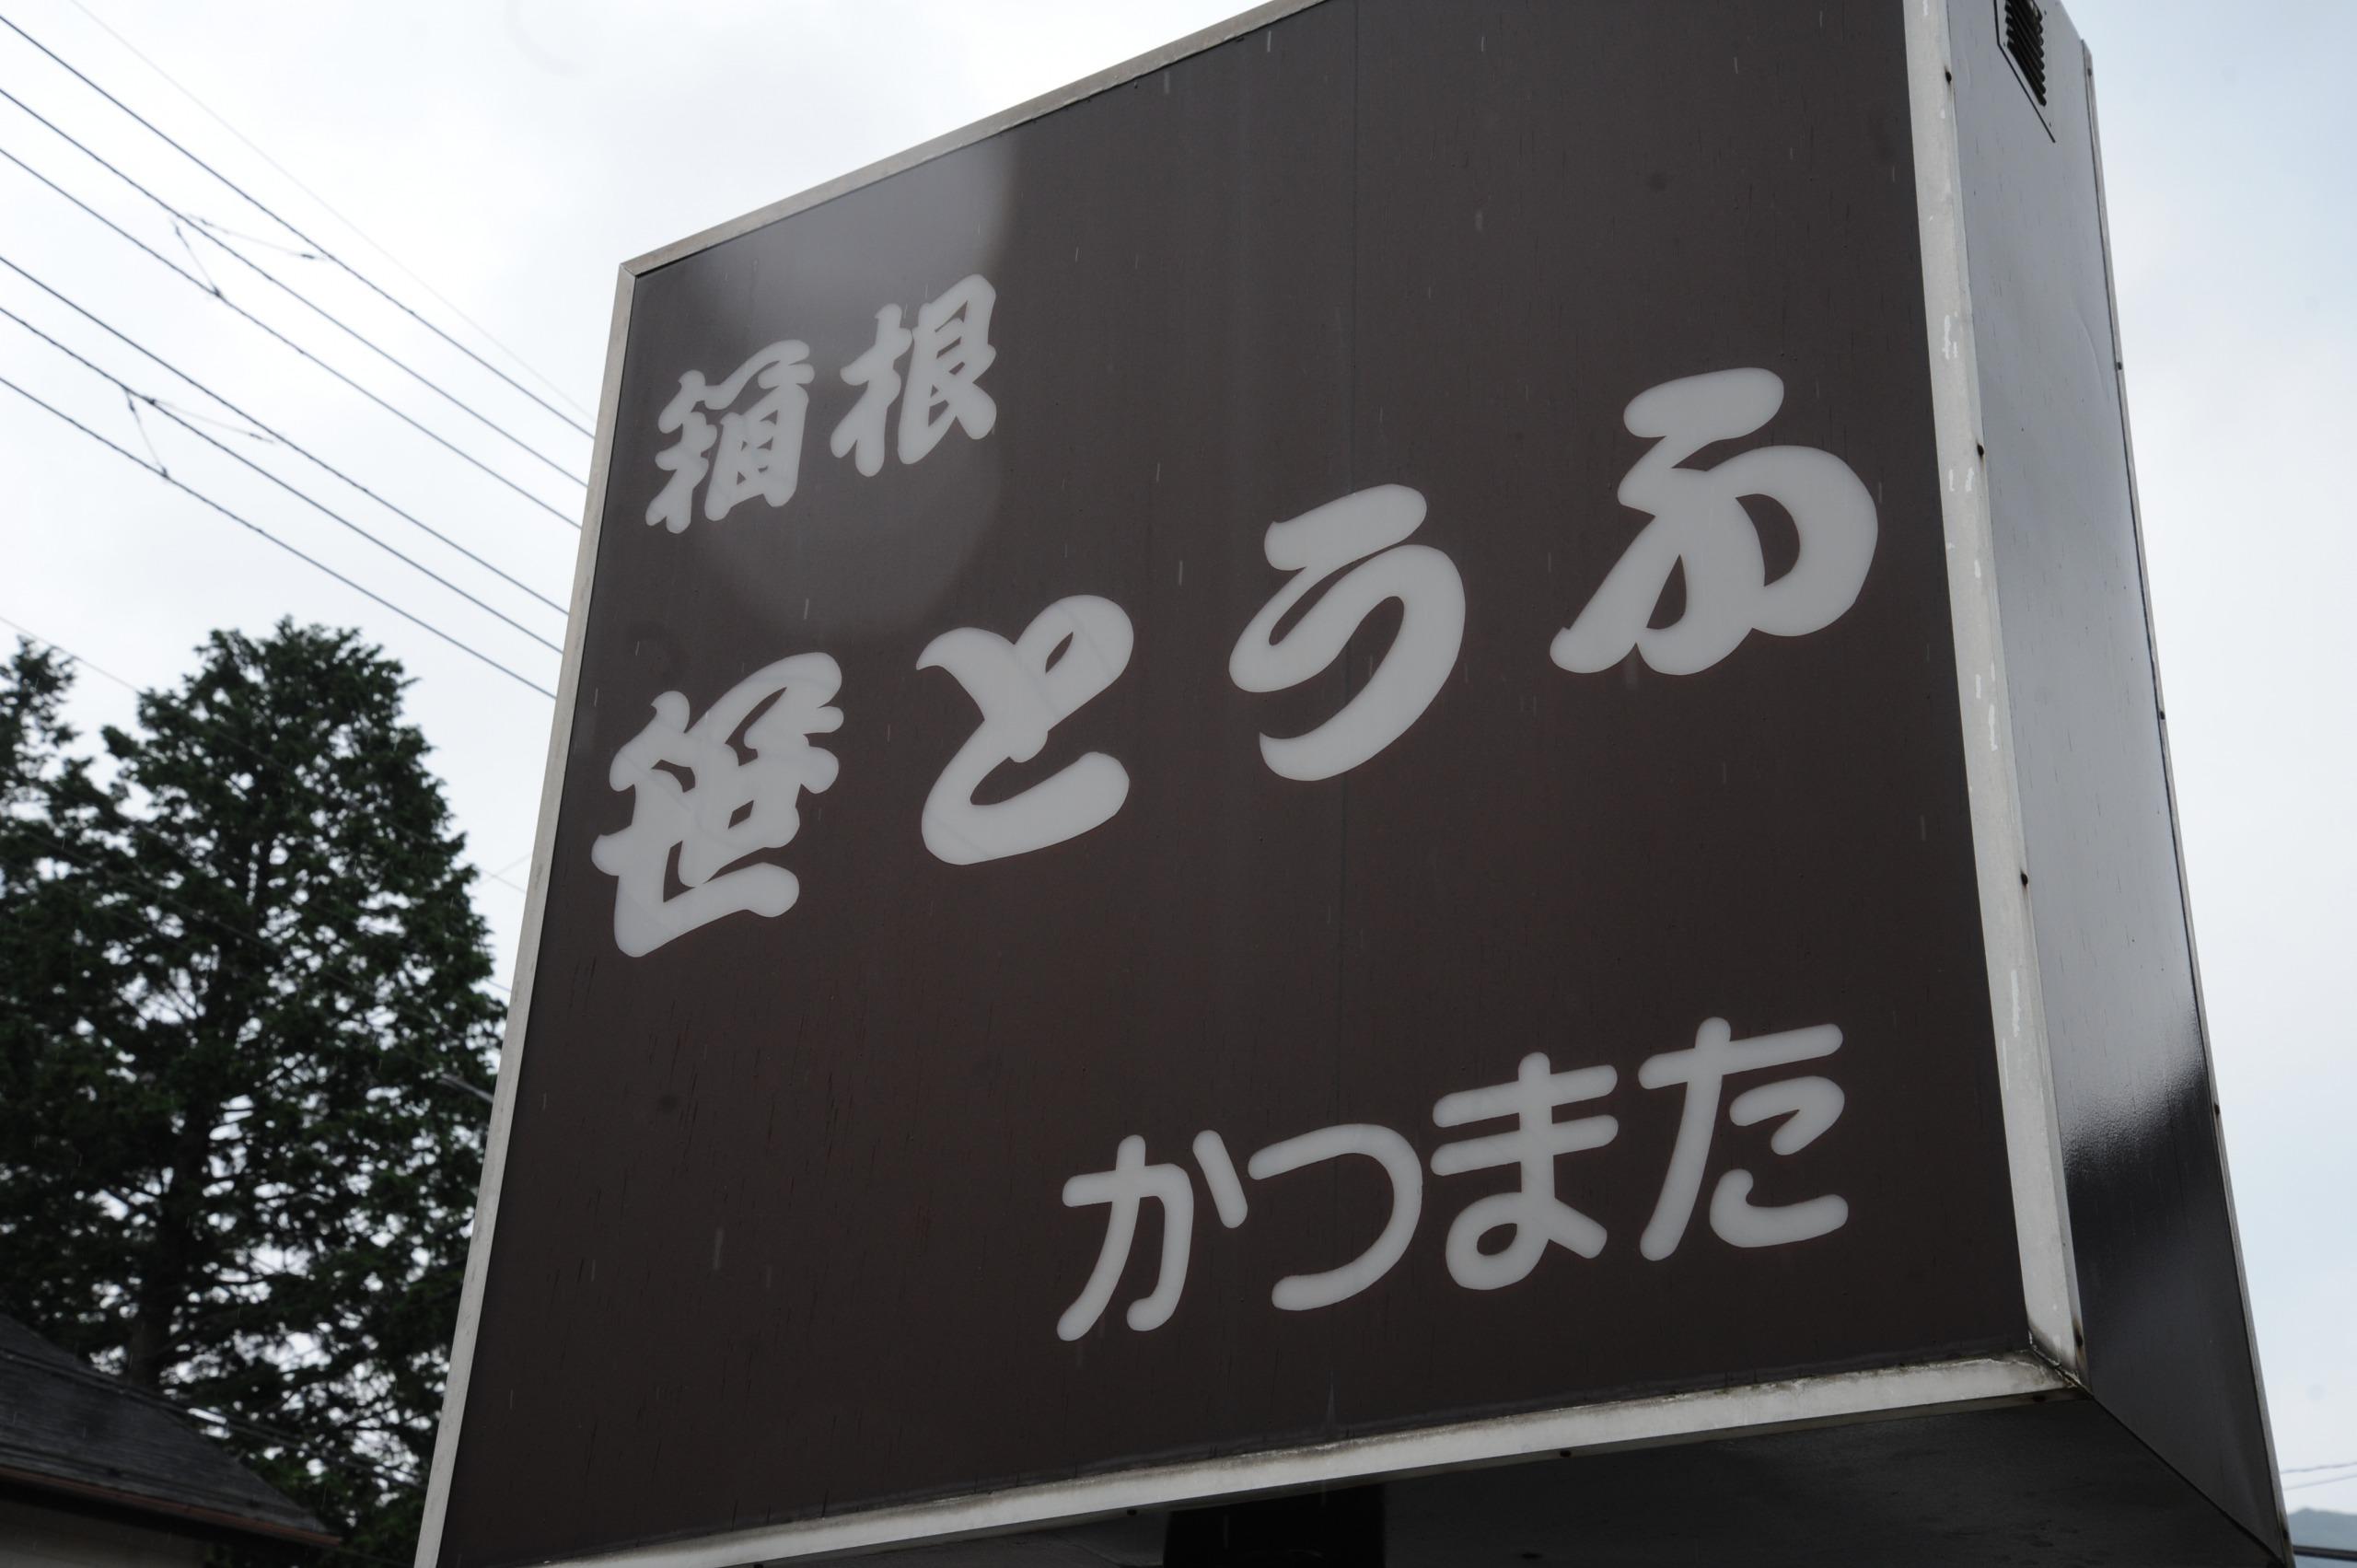 仙石原1(圧縮)